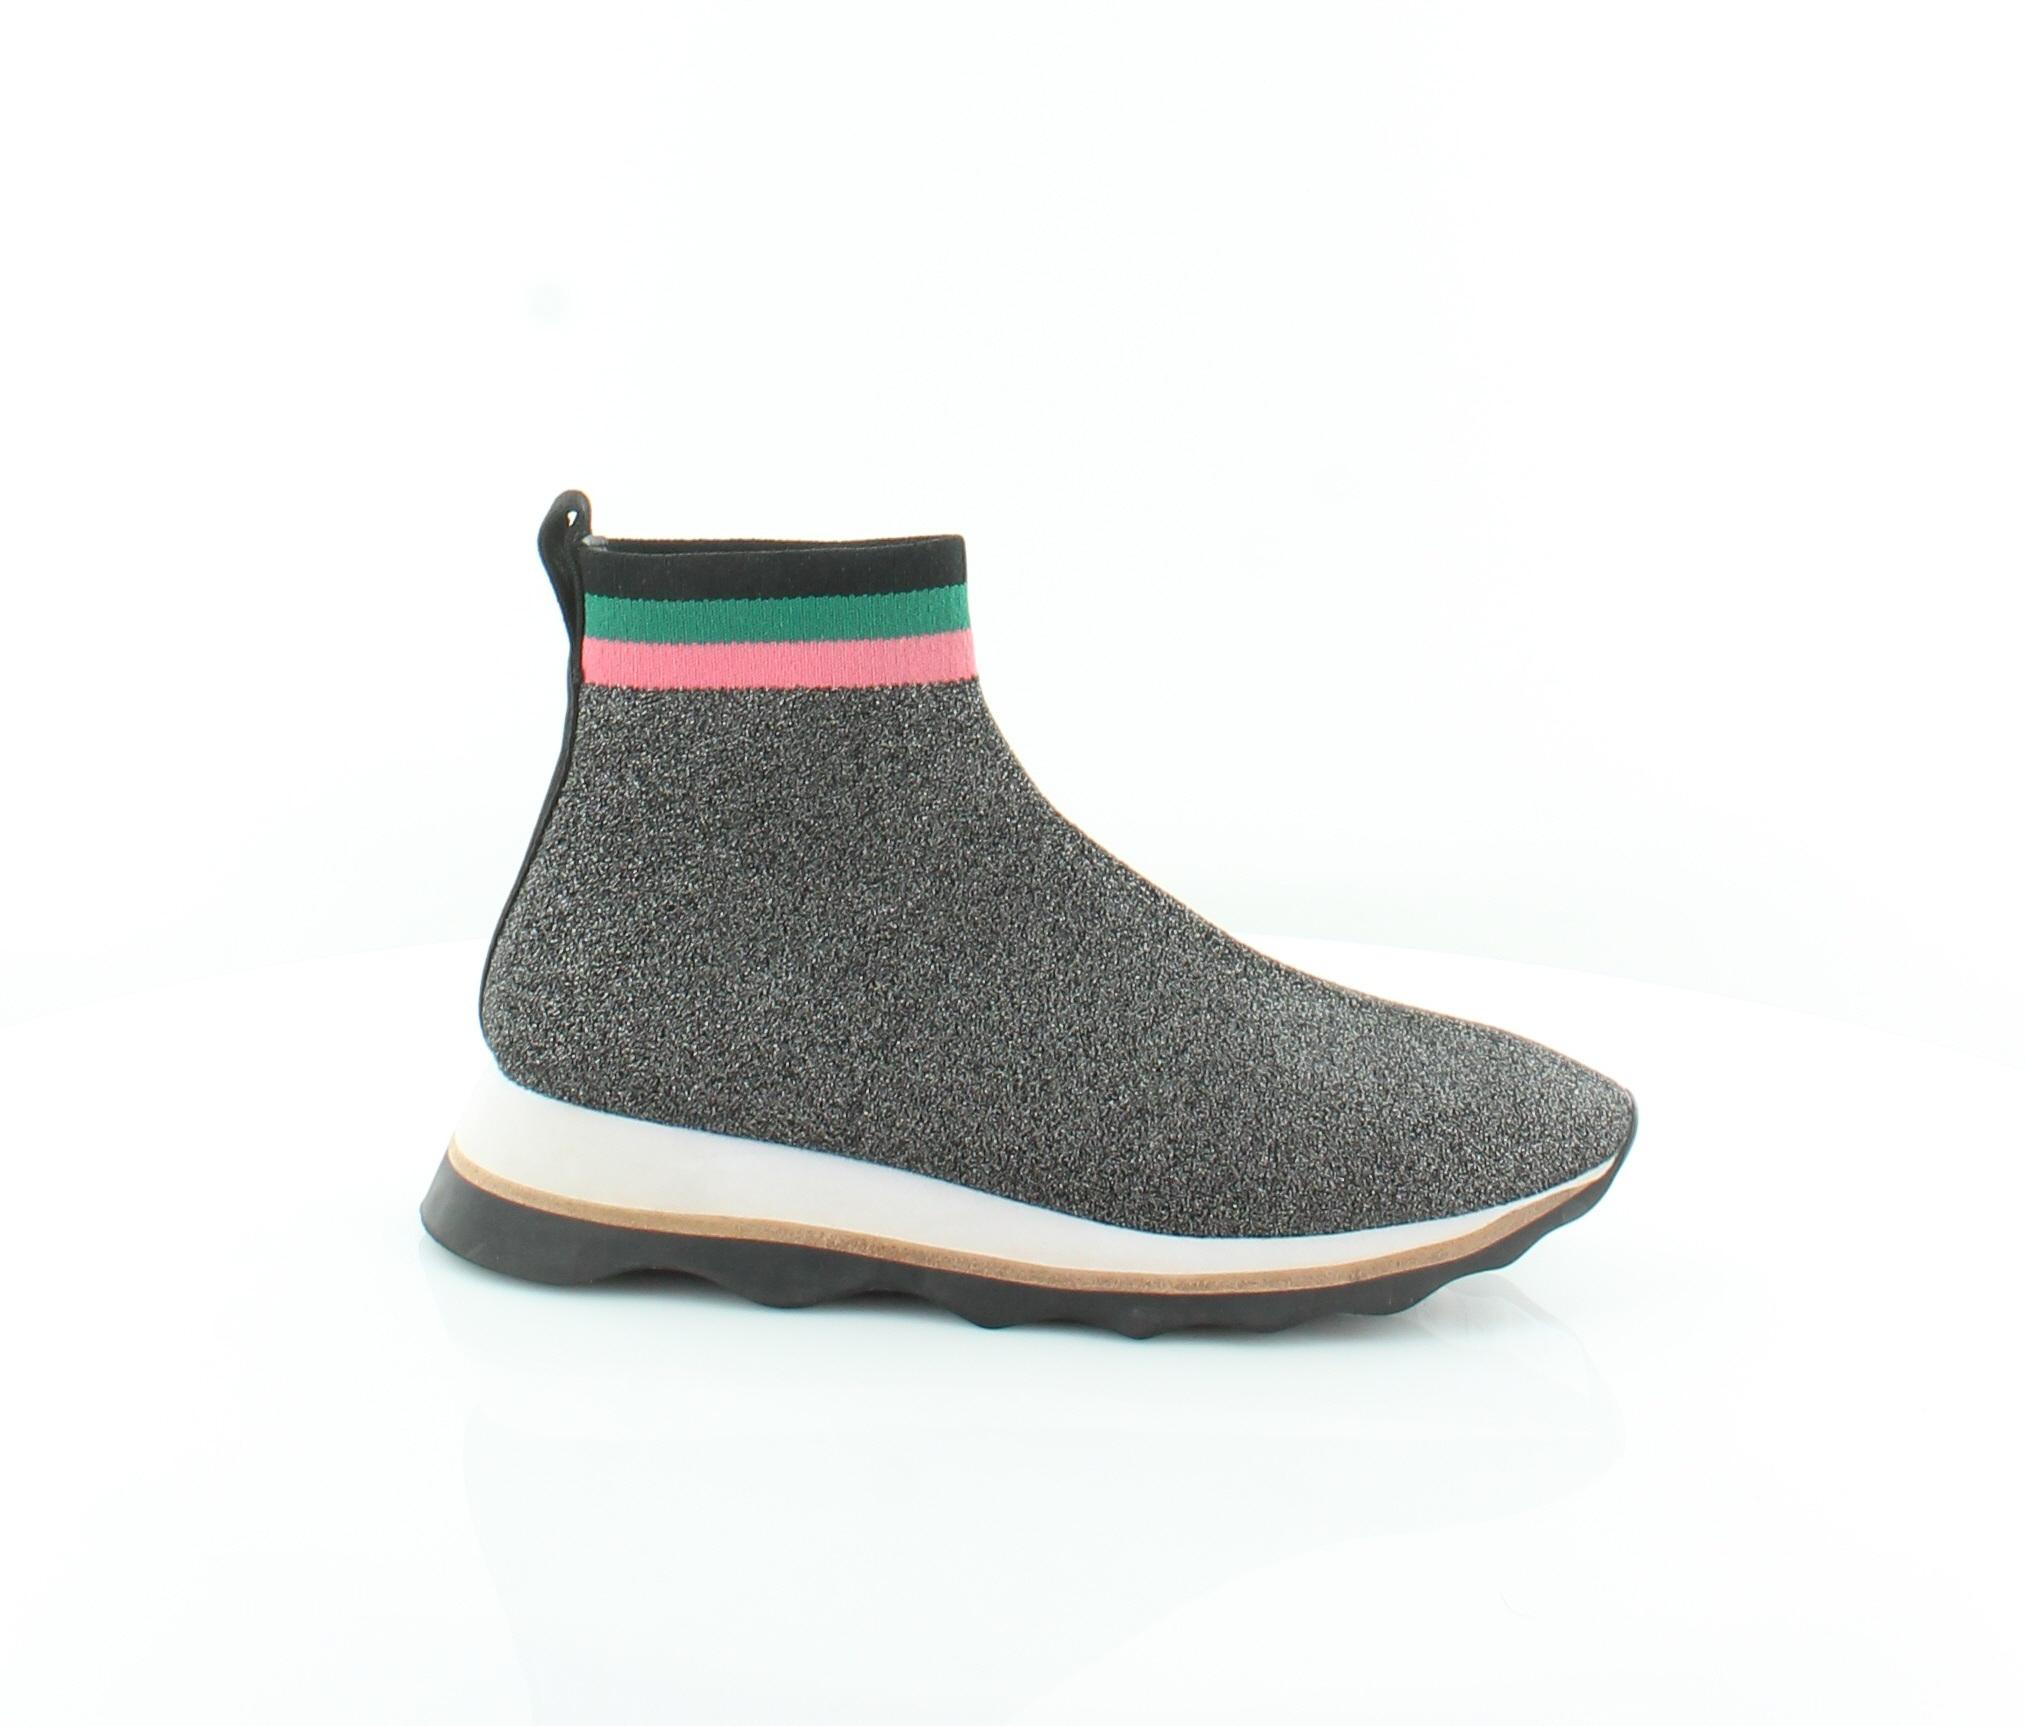 Loeffler Randall Scout Negro Negro Negro Zapatos para mujer Talla 6.5 M Moda tenis precio minorista sugerido por el fabricante  295  Todos los productos obtienen hasta un 34% de descuento.